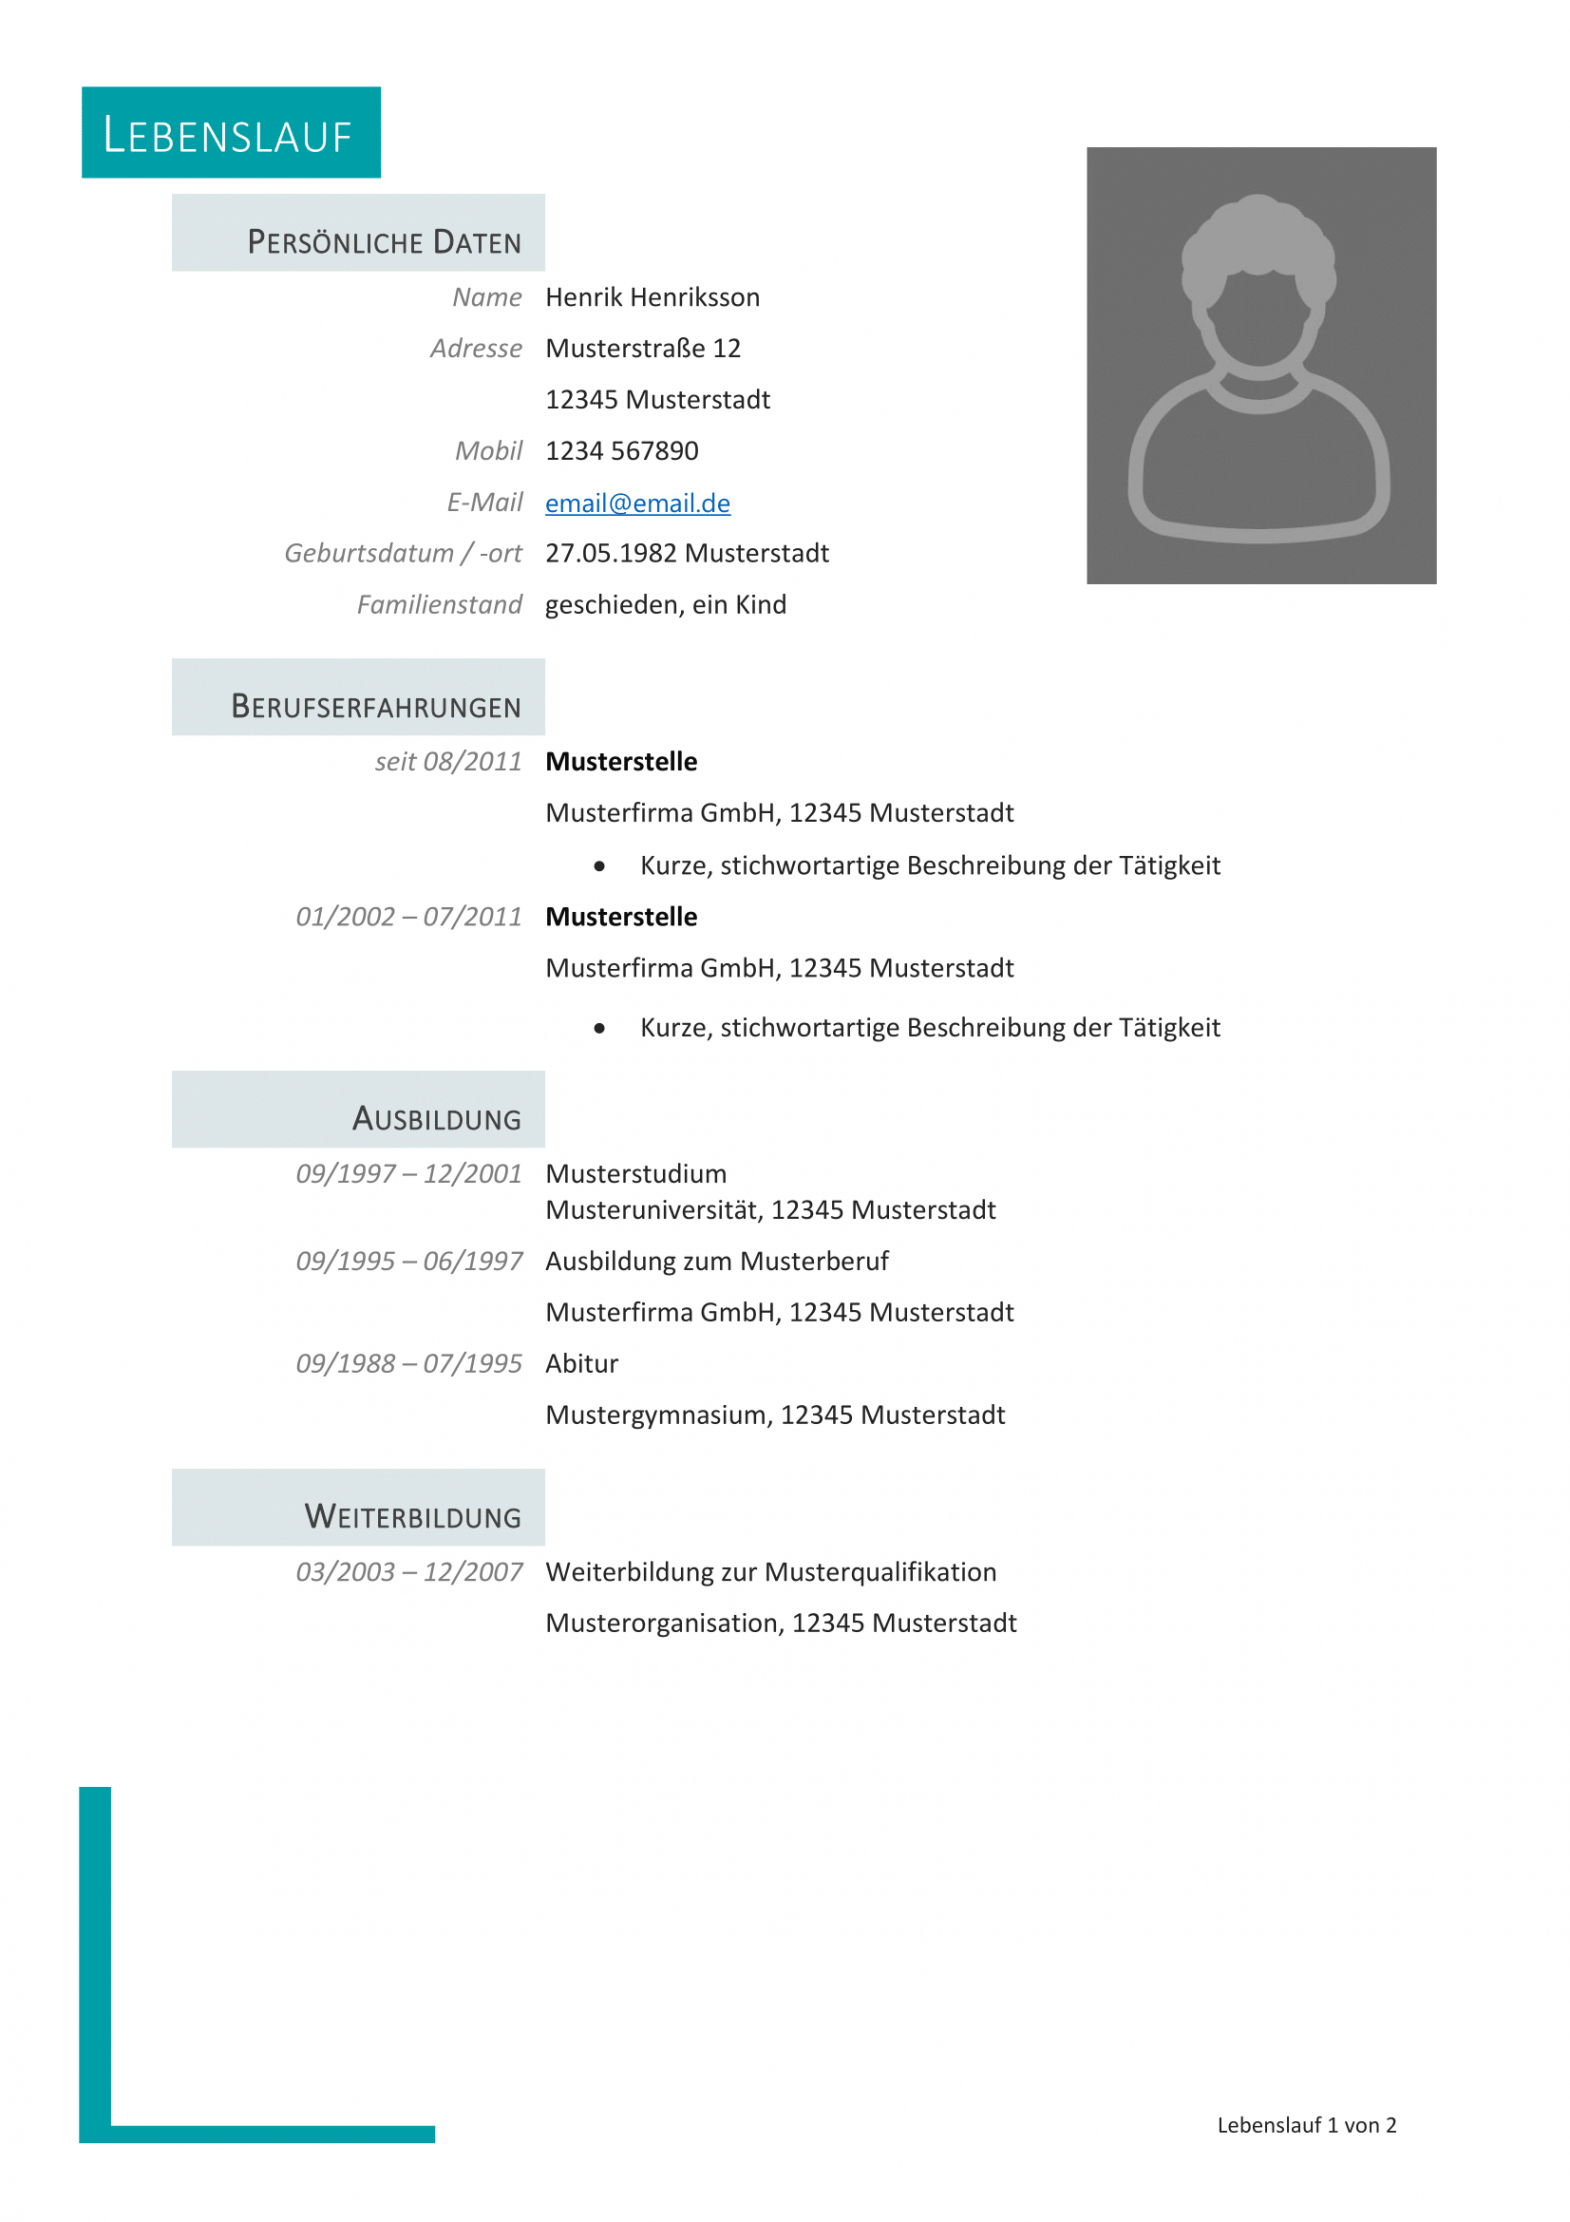 Kostenlose Lebenslauf Muster Und Vorlagen Für Deine Bewerbung 2018 Vorlage Lebenslauf Klassisch